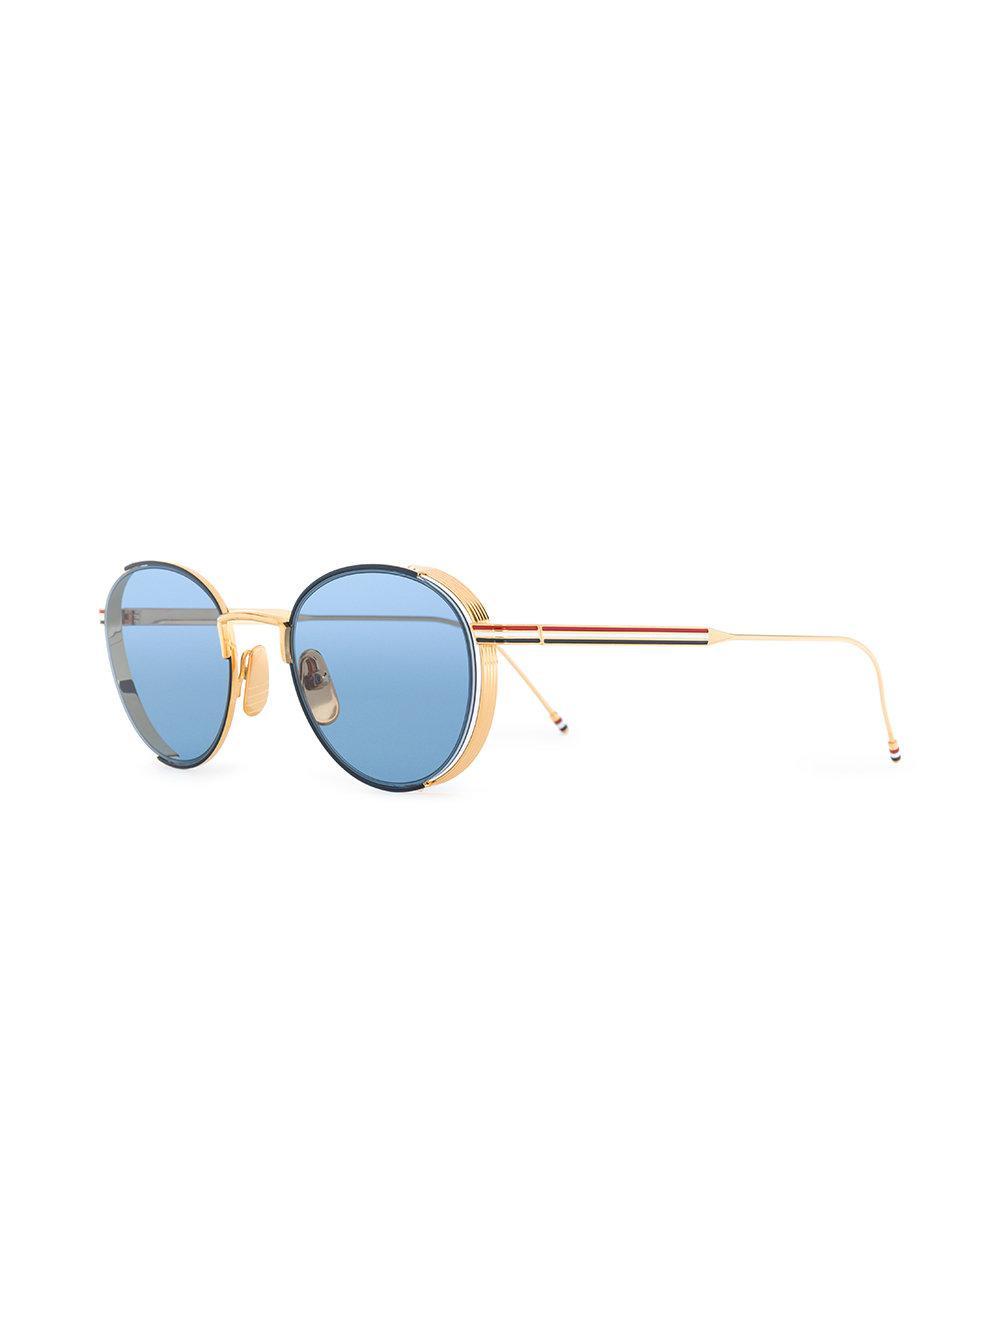 07323032b4e4 Lyst - Thom Browne Tb 106 C Sunglasses in Blue